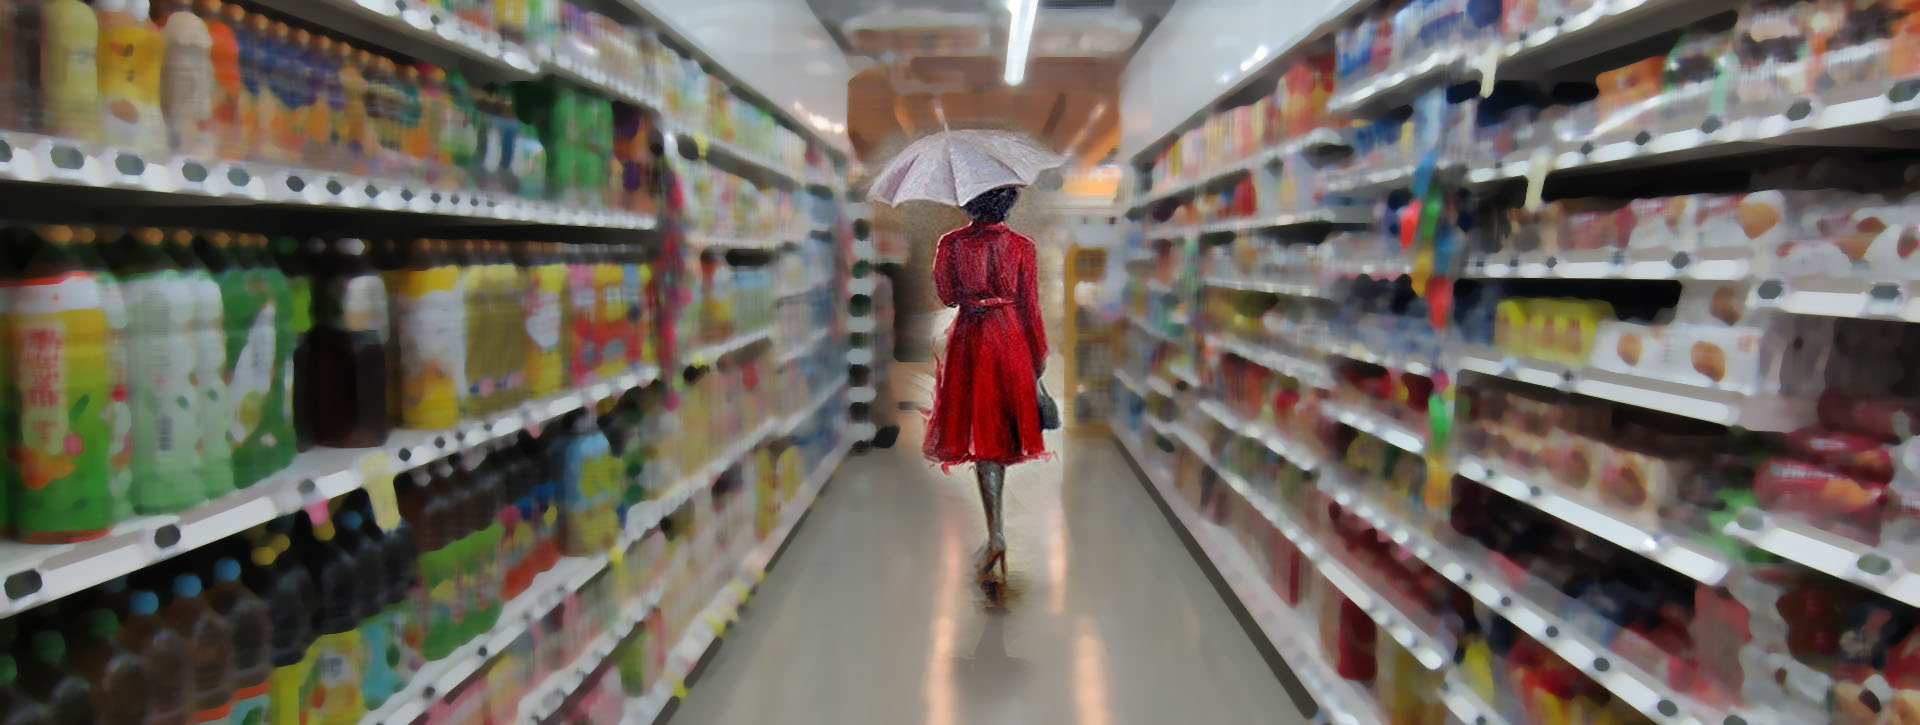 נערה הולכת בסופרמרקט. תרגום לשיר של ניק קייב.